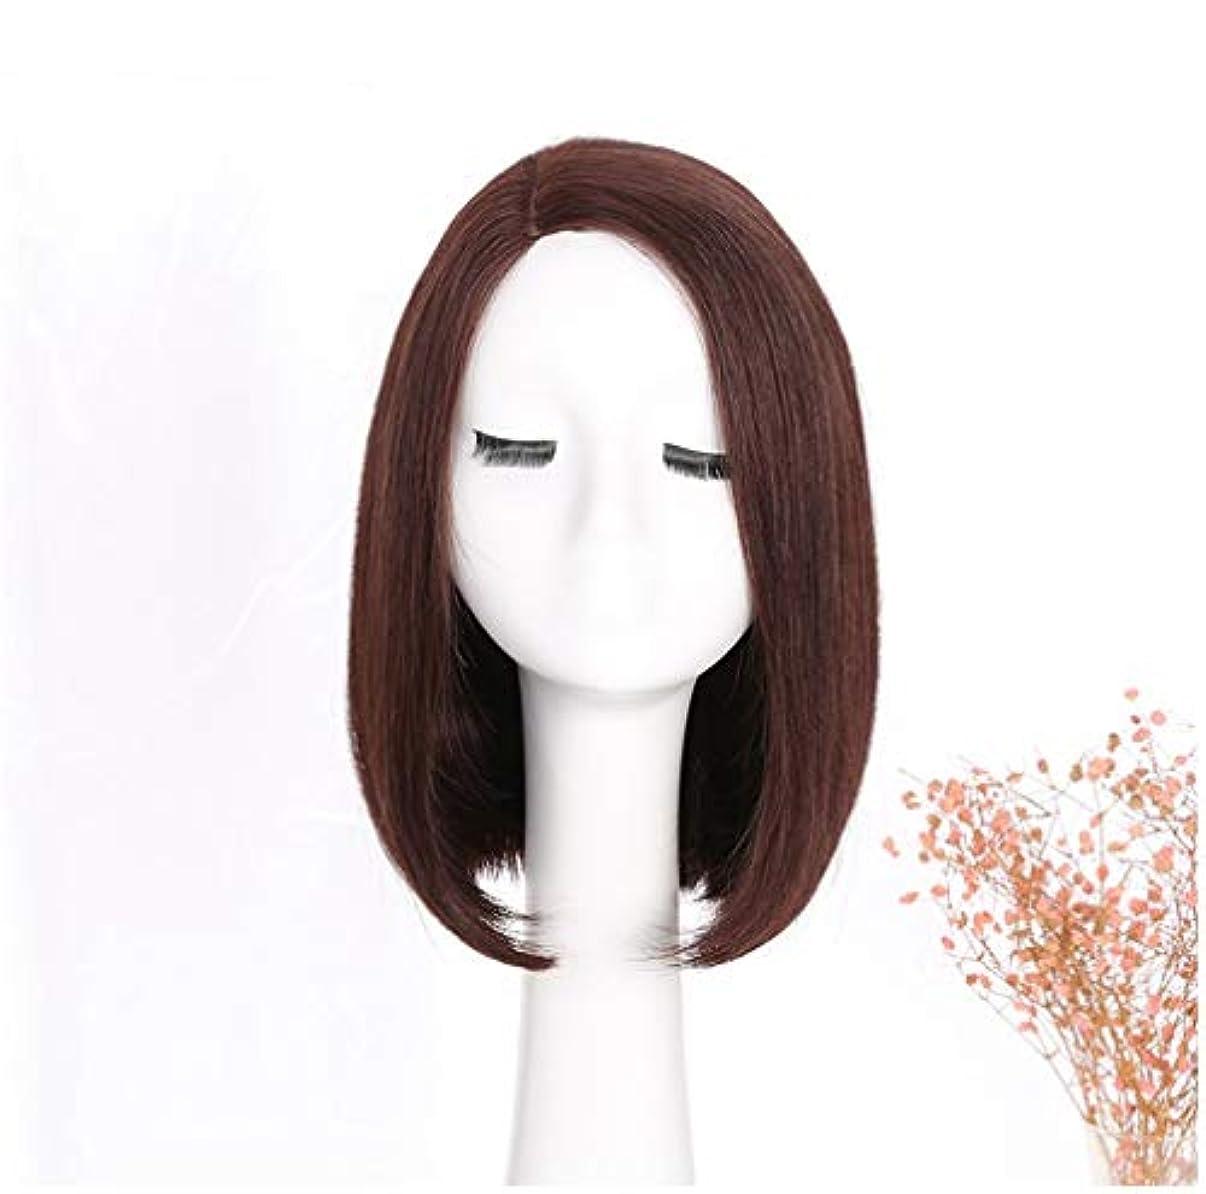 タオルインストラクター気まぐれなYOUQIU 女子ショートヘアボブ梨ヘッド実ヘアウィッグショルダーストレートヘアーのリアルなウィッグウィッグ (色 : Dark brown)